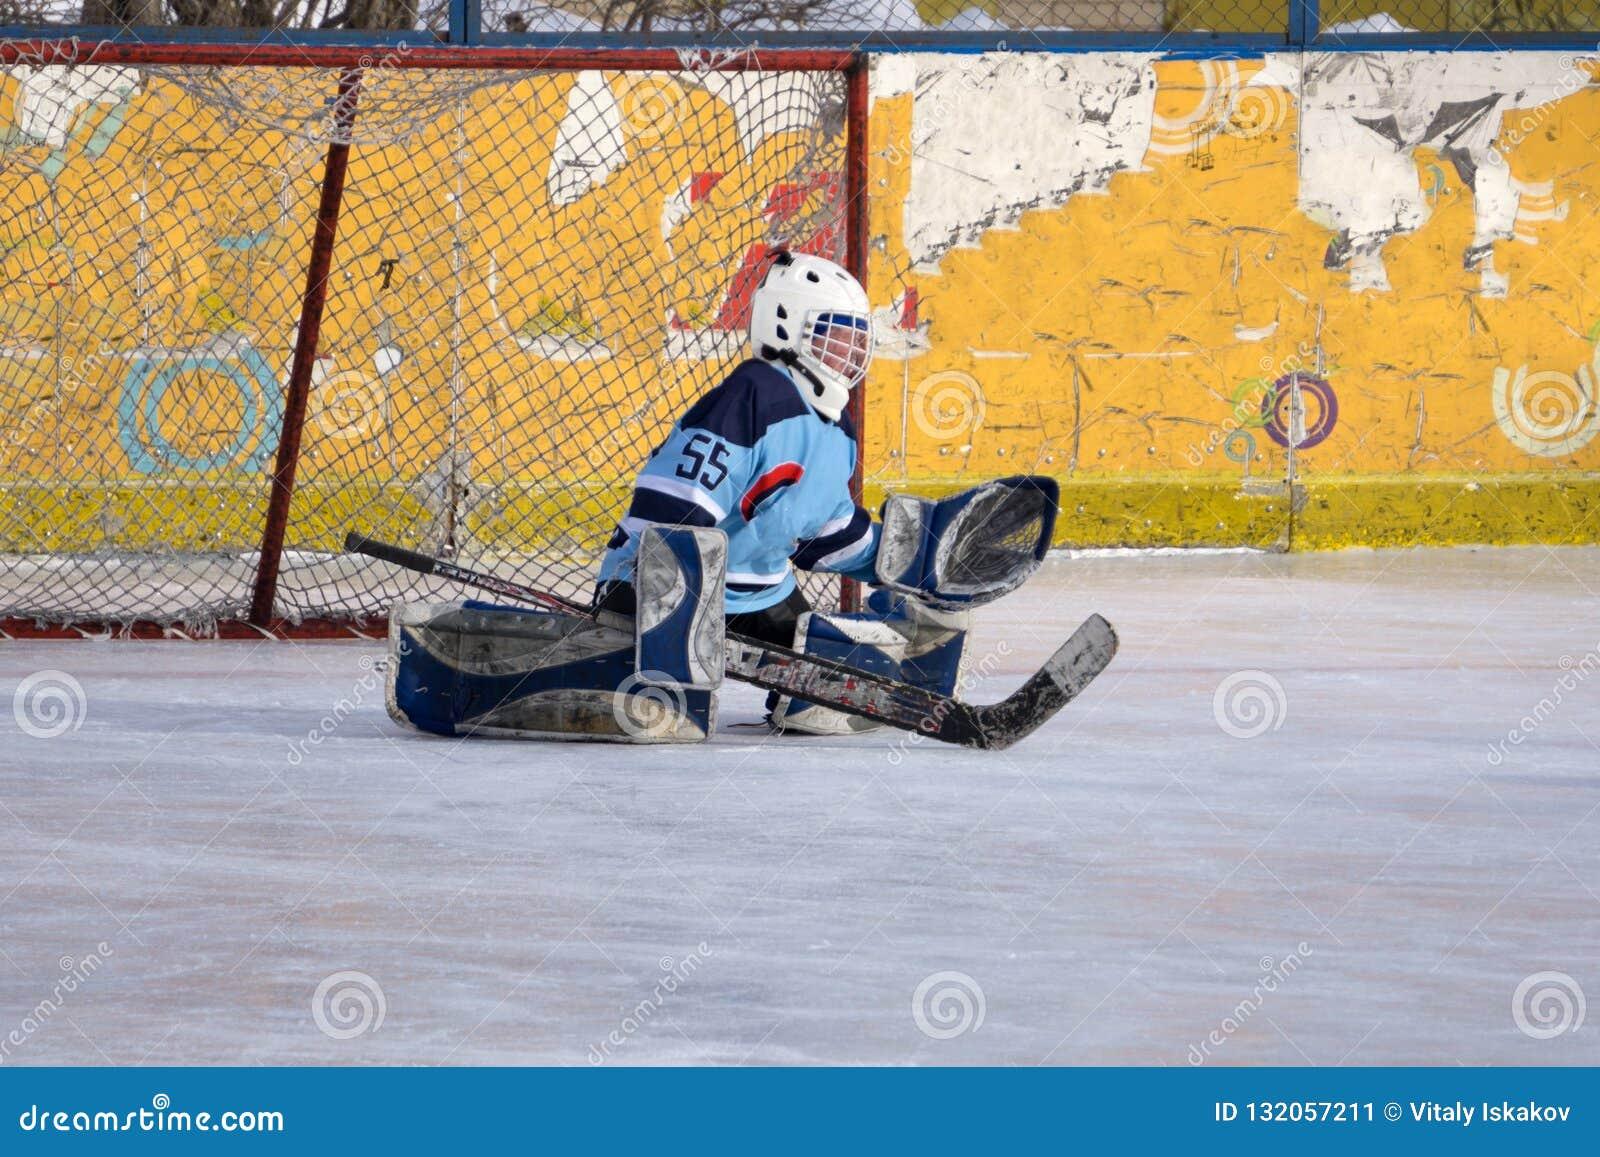 Hockeyspieler schießt den Kobold und die Angriffe